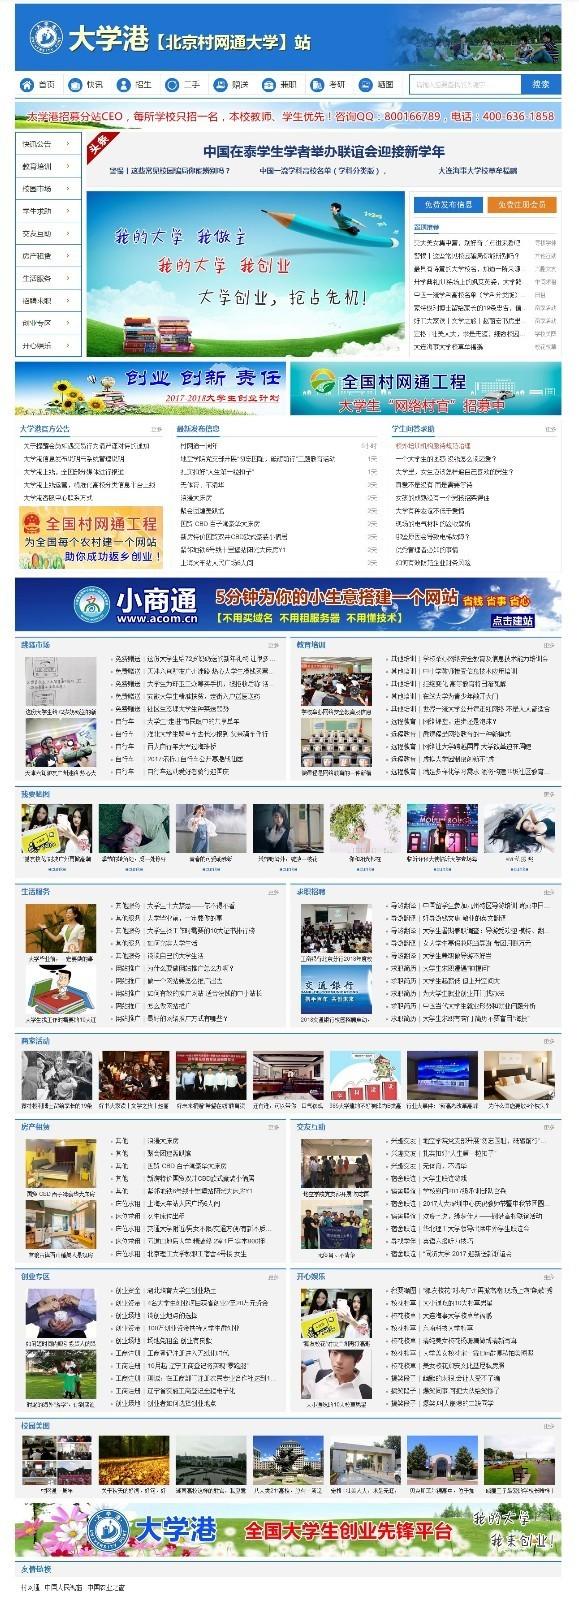 北京村网通大学.jpg